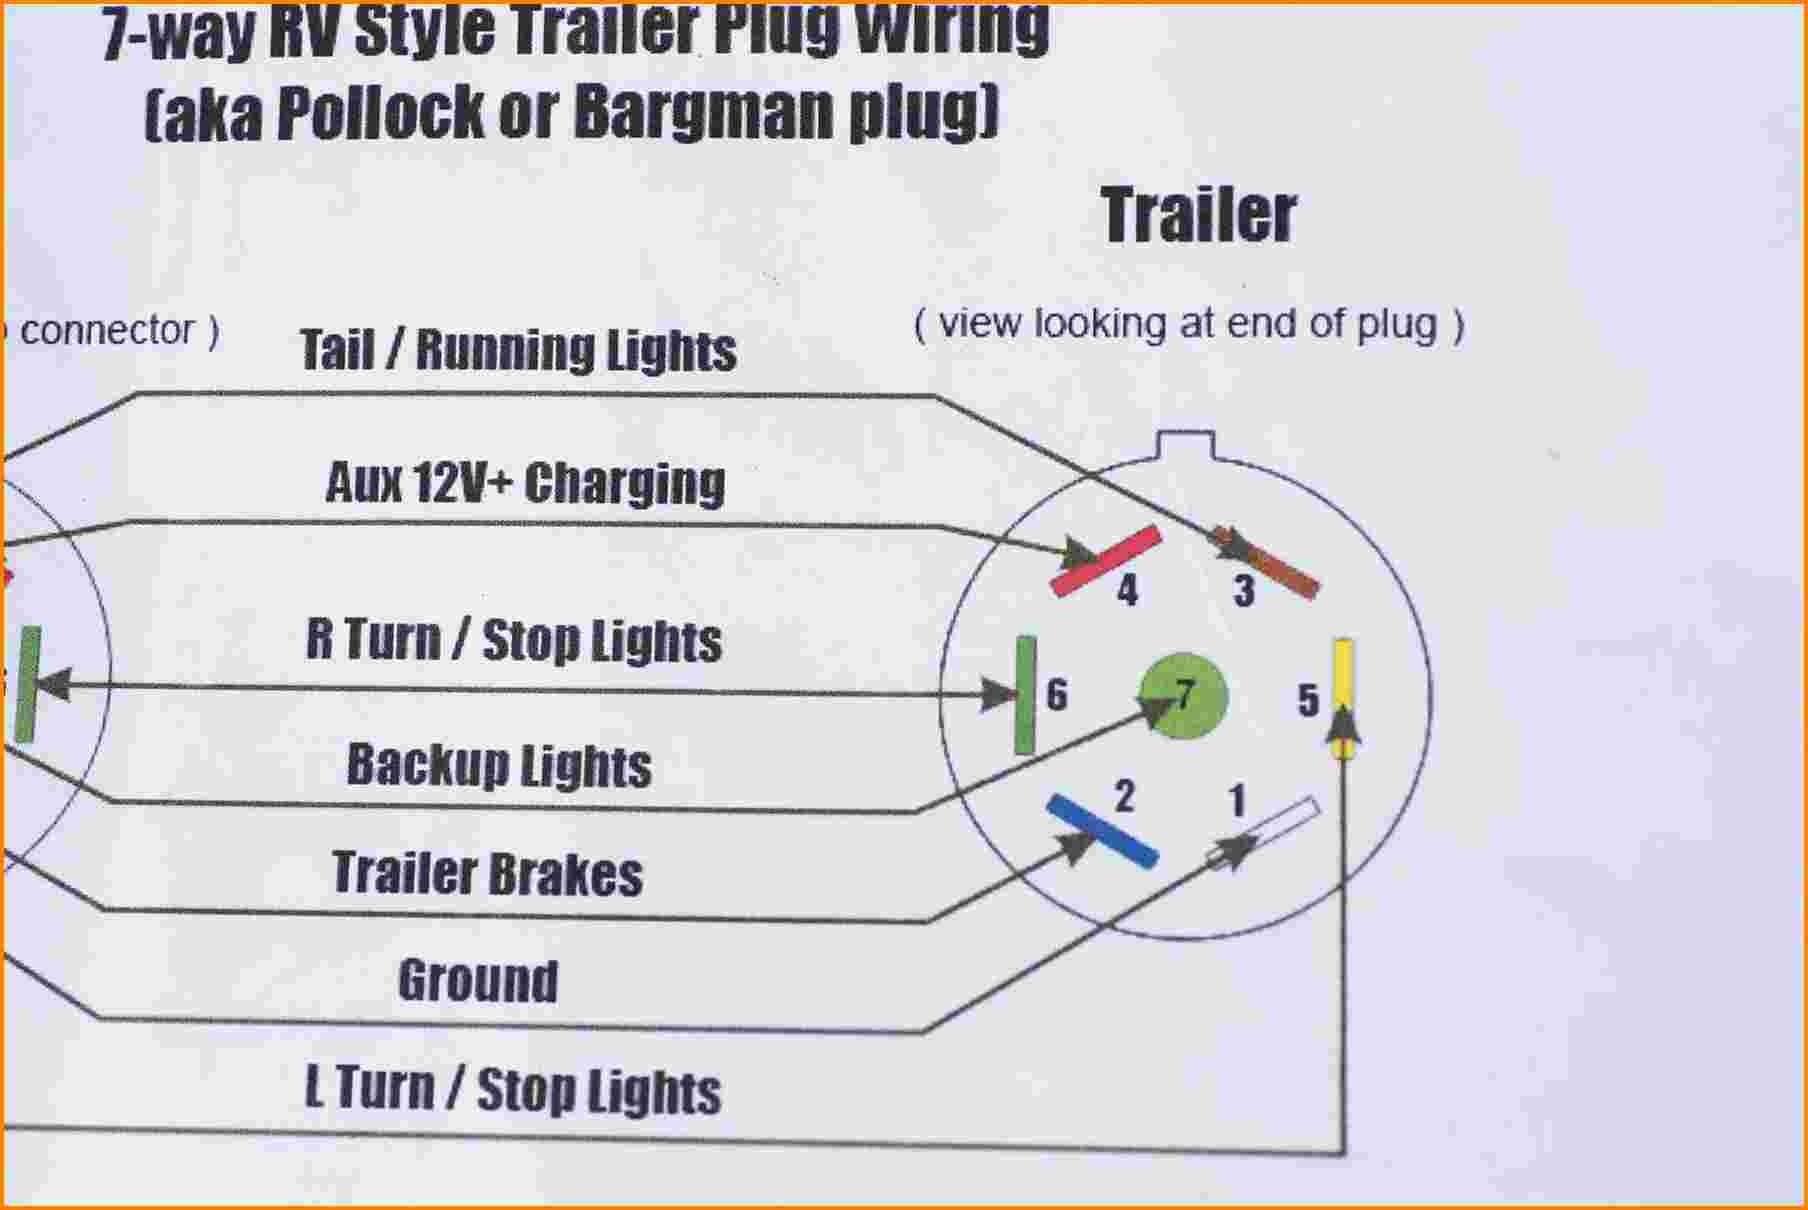 [SCHEMATICS_4US]  ES_0367] Exiss Trailer Plug Wiring Schematic Wiring | Featherlite Trailers Wiring Diagram |  | Eumqu Embo Vish Ungo Sapebe Mohammedshrine Librar Wiring 101